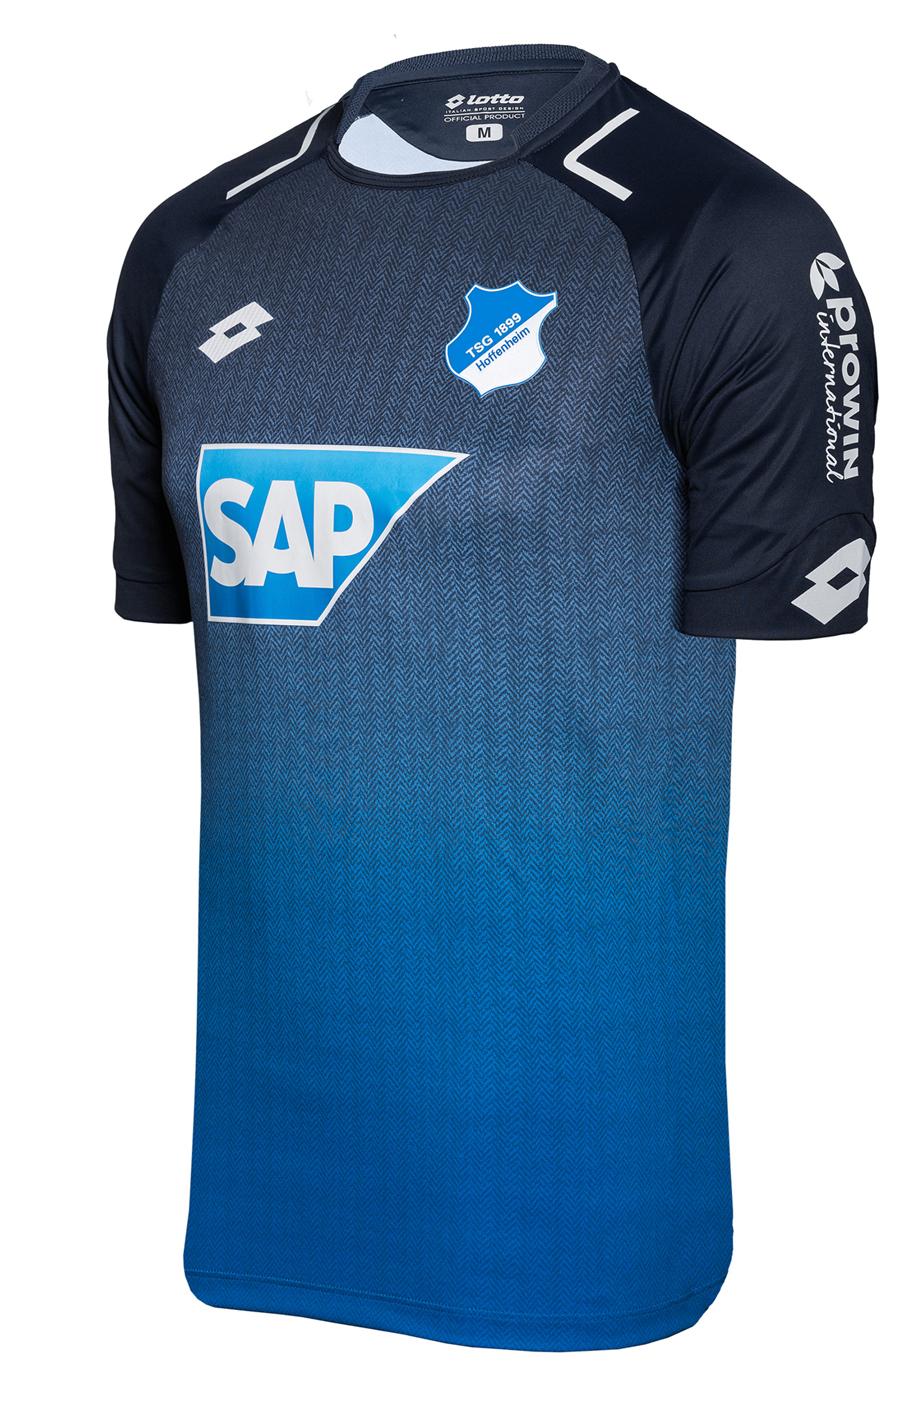 Maillot Domicile TSG 1899 Hoffenheim saison 2017-2018